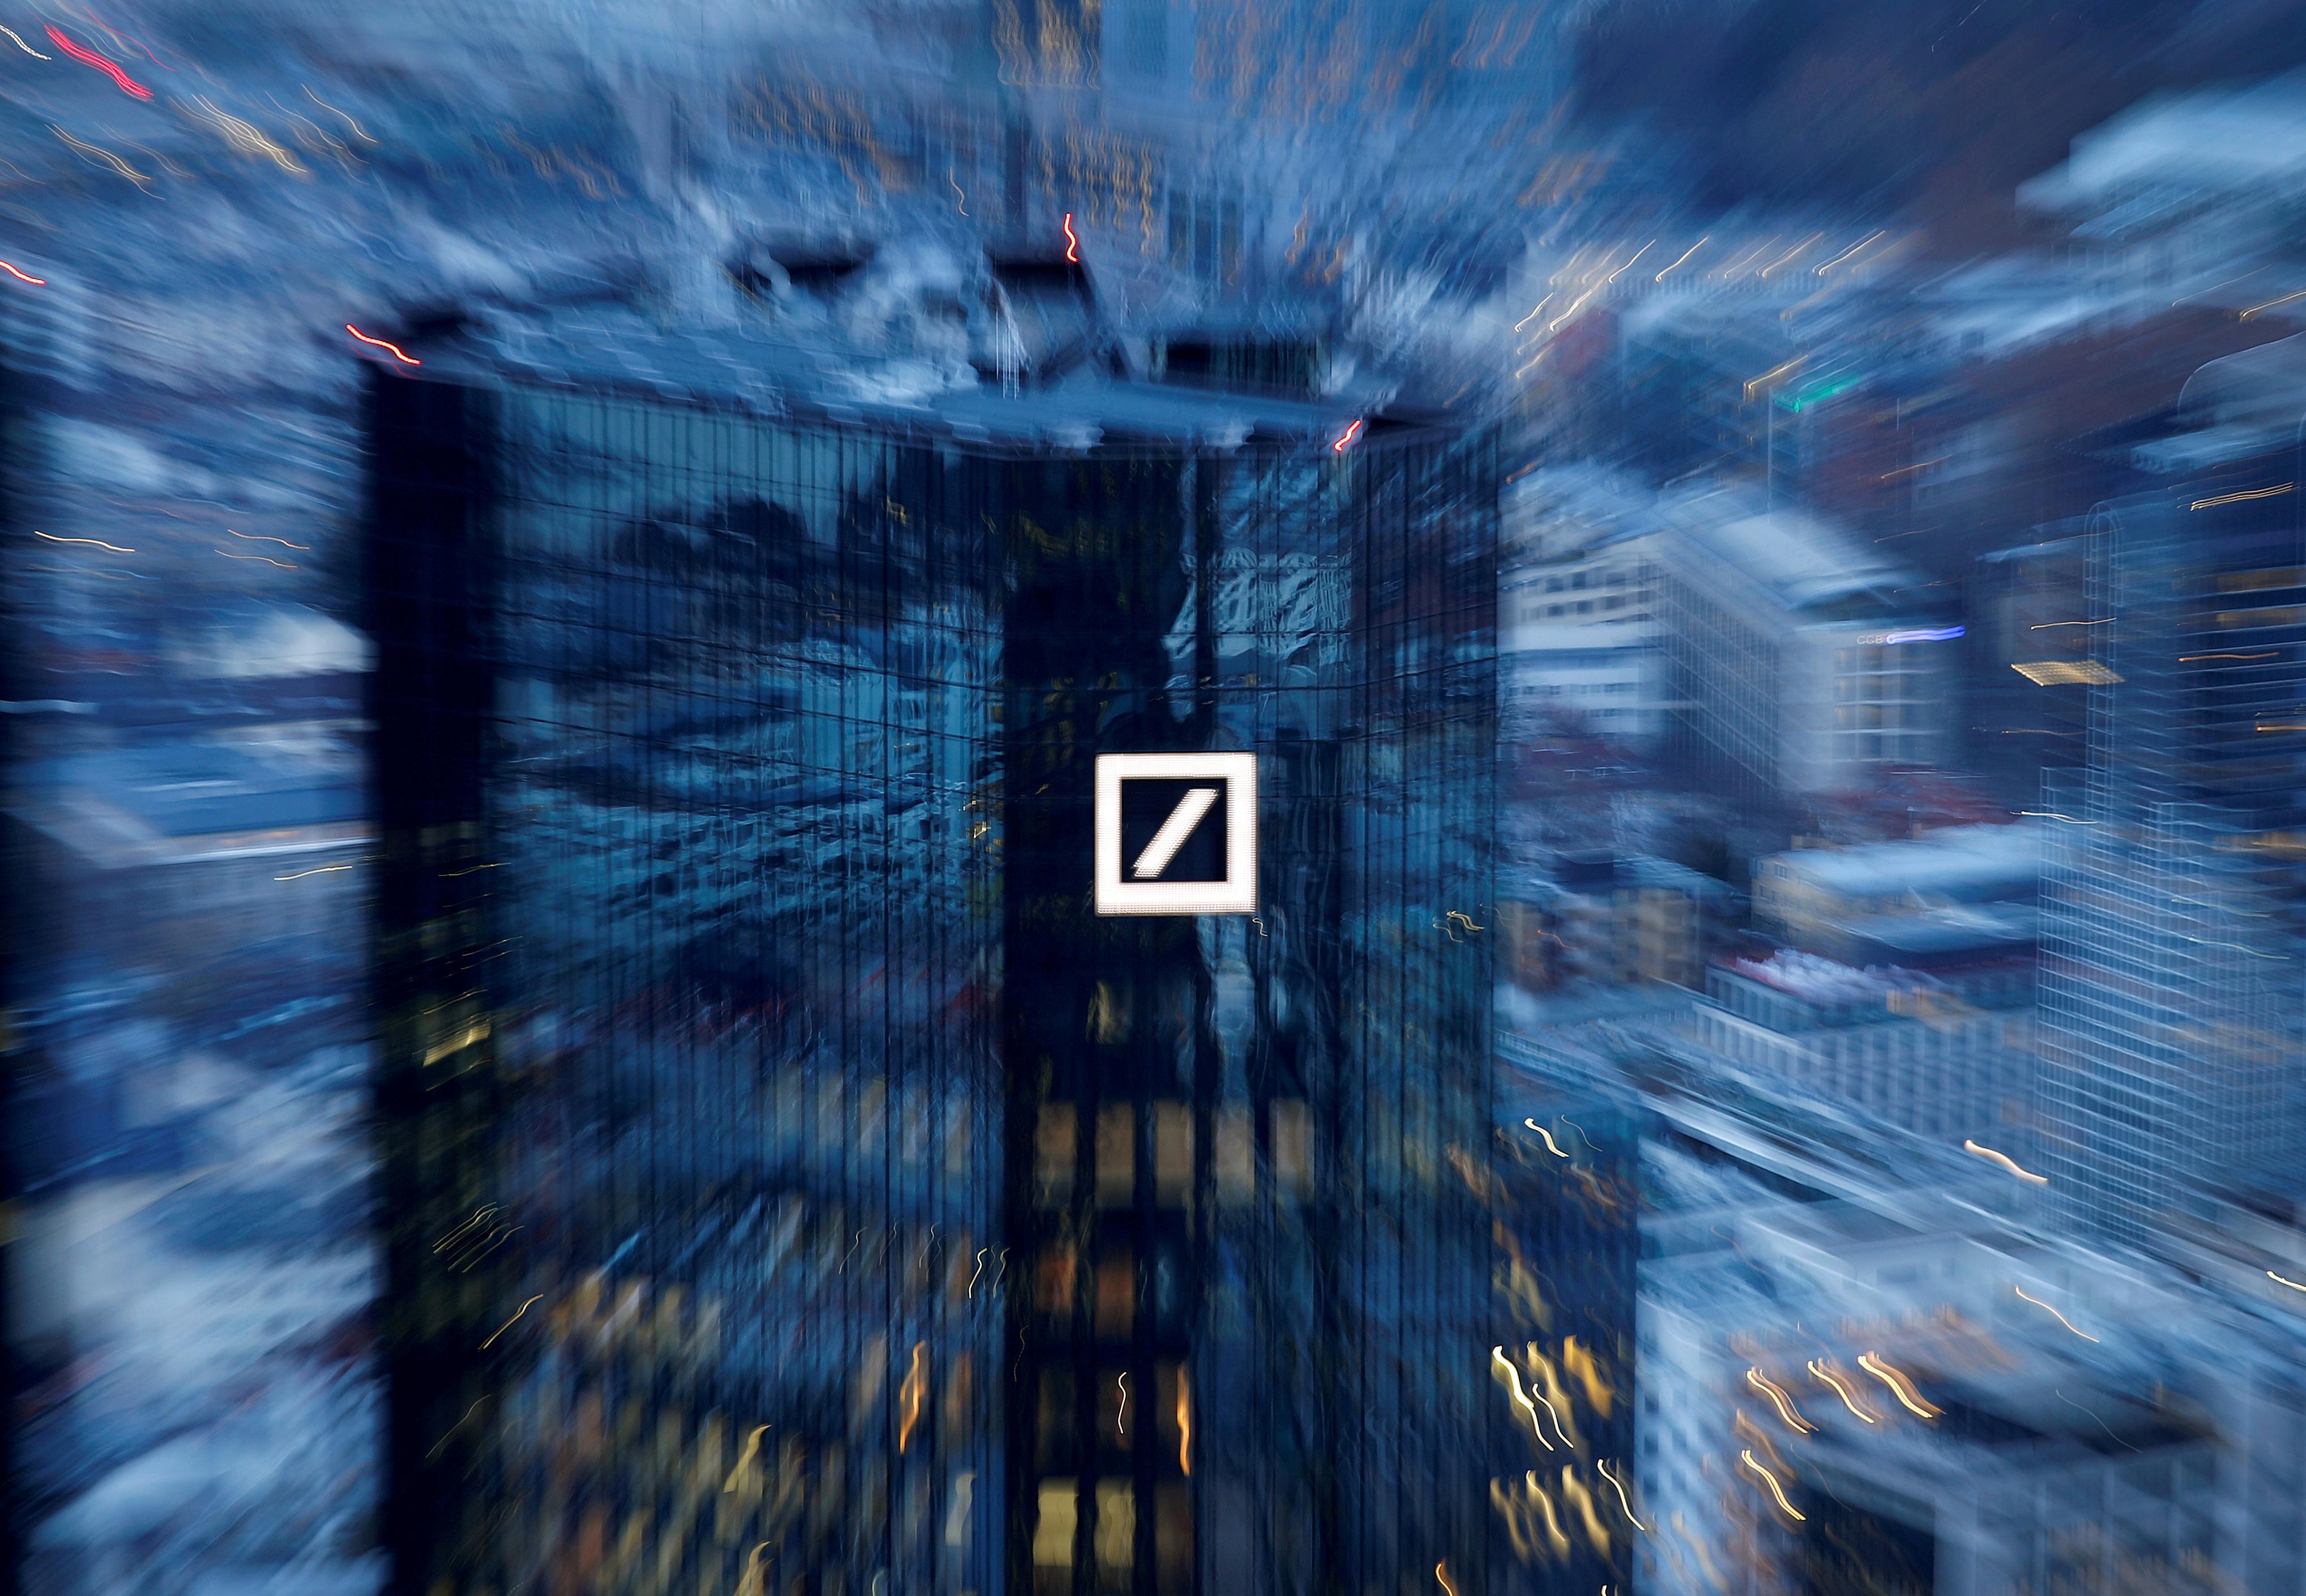 deutsche-bank-accuse-une-perte-nette-au-1er-trimestre-pas-aussi-forte-que-redoute